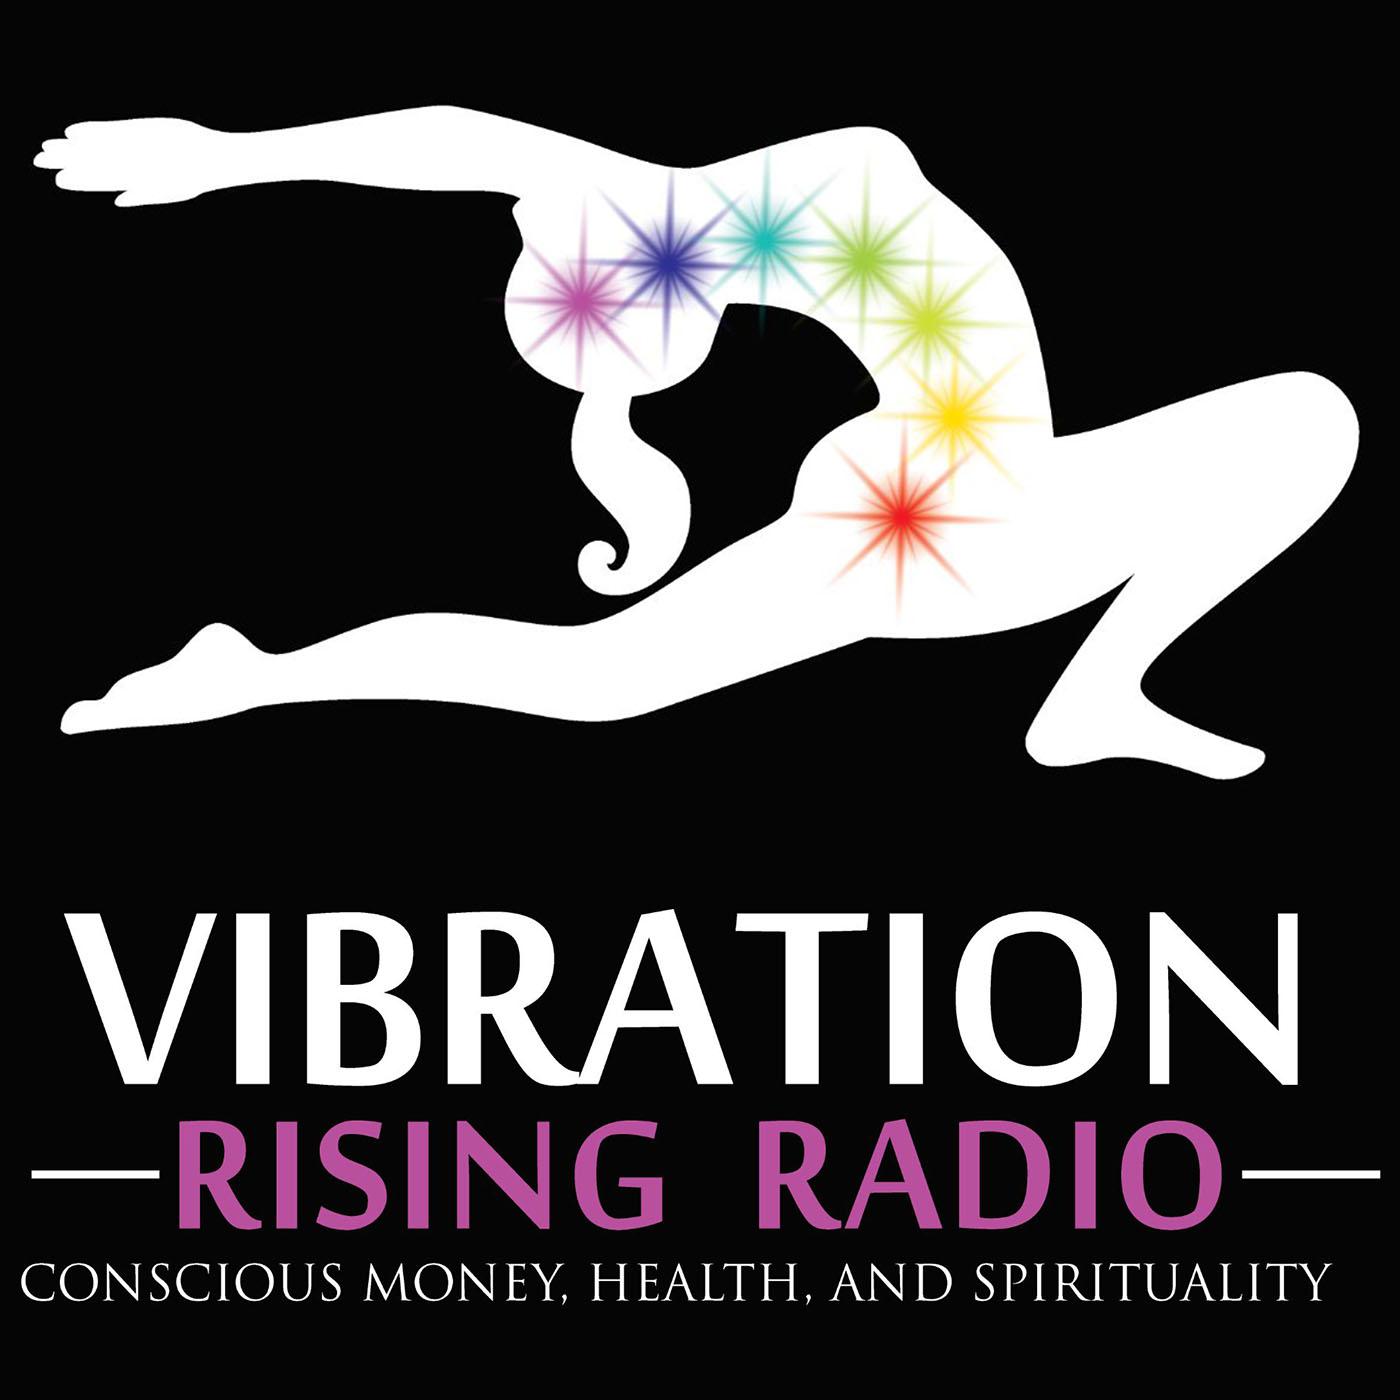 Vibration Rising Radio